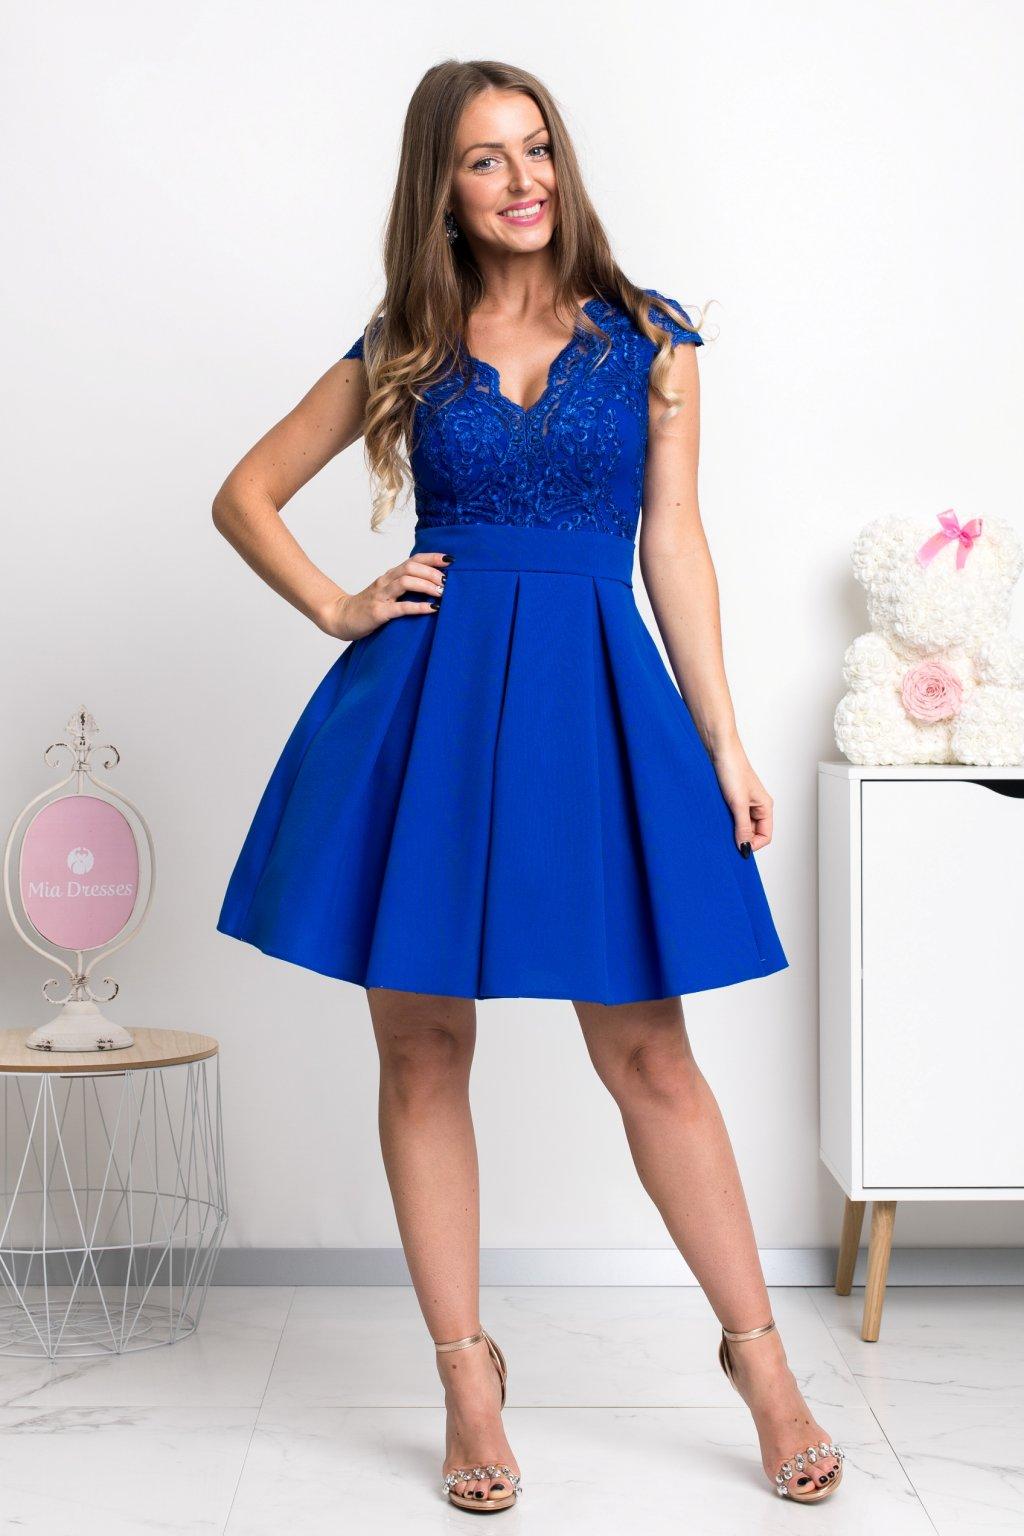 Modré spoločenské mini šaty s áčkovou sukňou